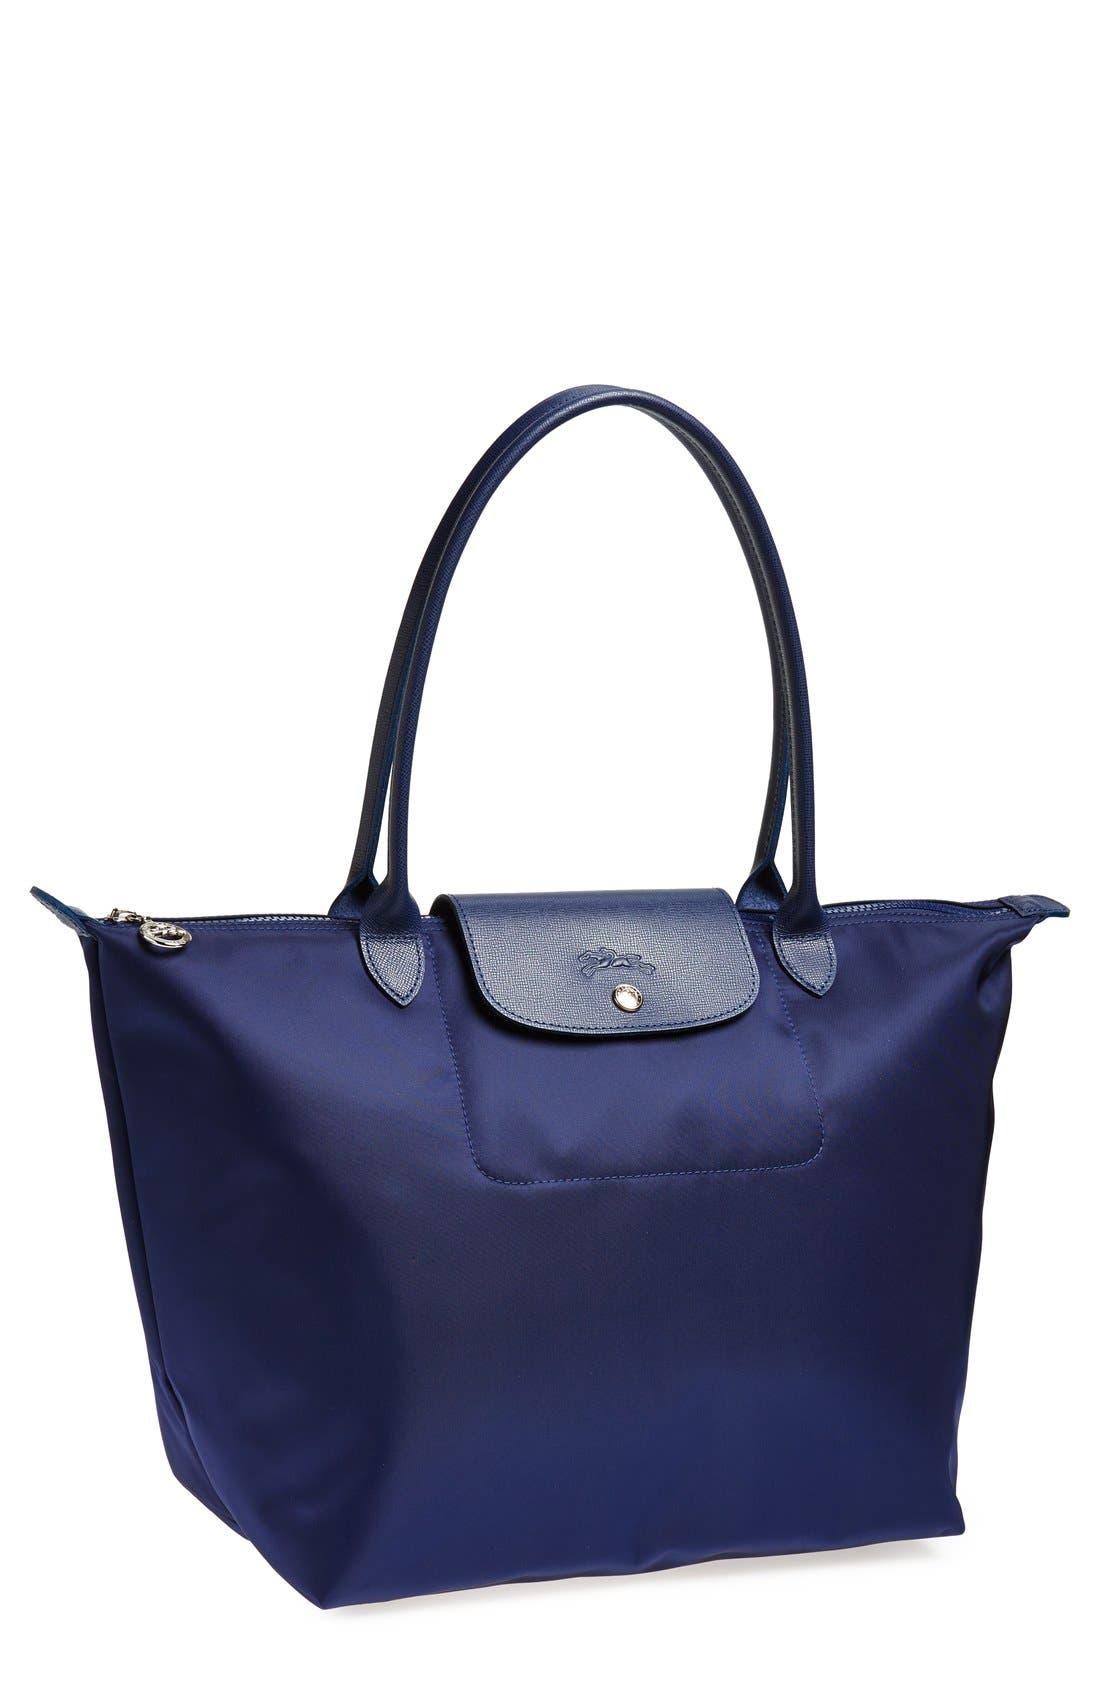 Alternate Image 1 Selected - Longchamp 'Large Le Pliage Neo' Nylon Tote